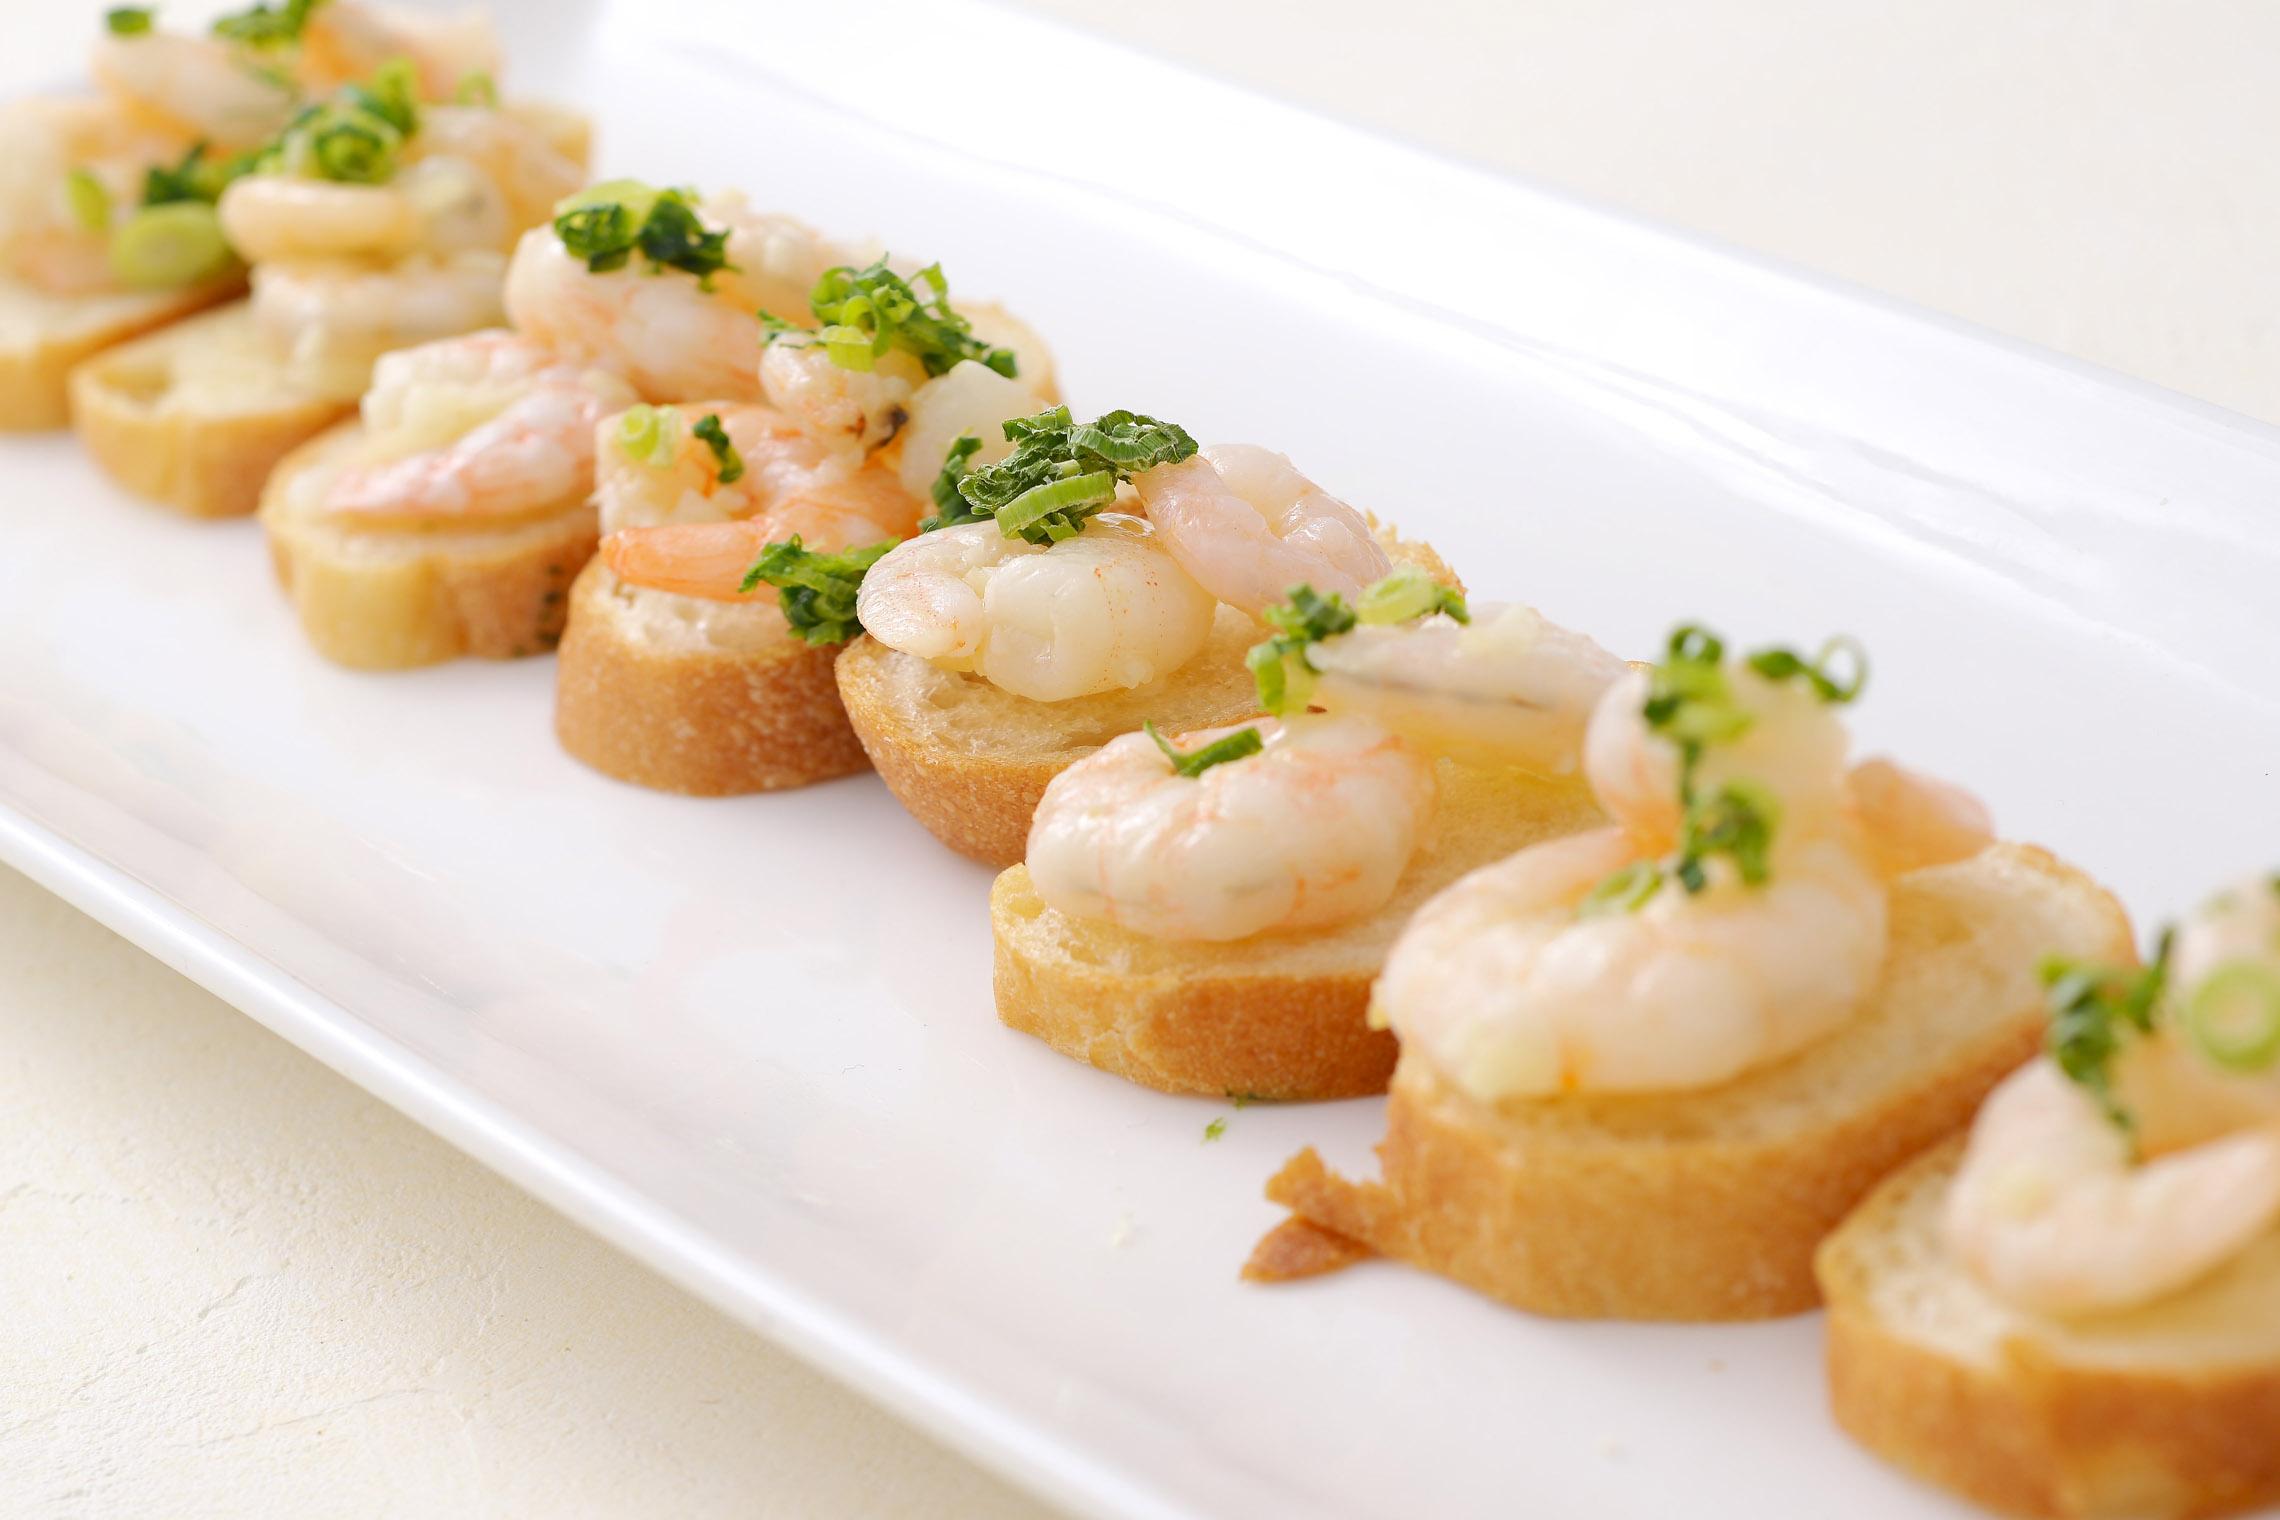 <p>スペイン料理の定番アヒージョをピンチョススタイルで食べやすく</p>